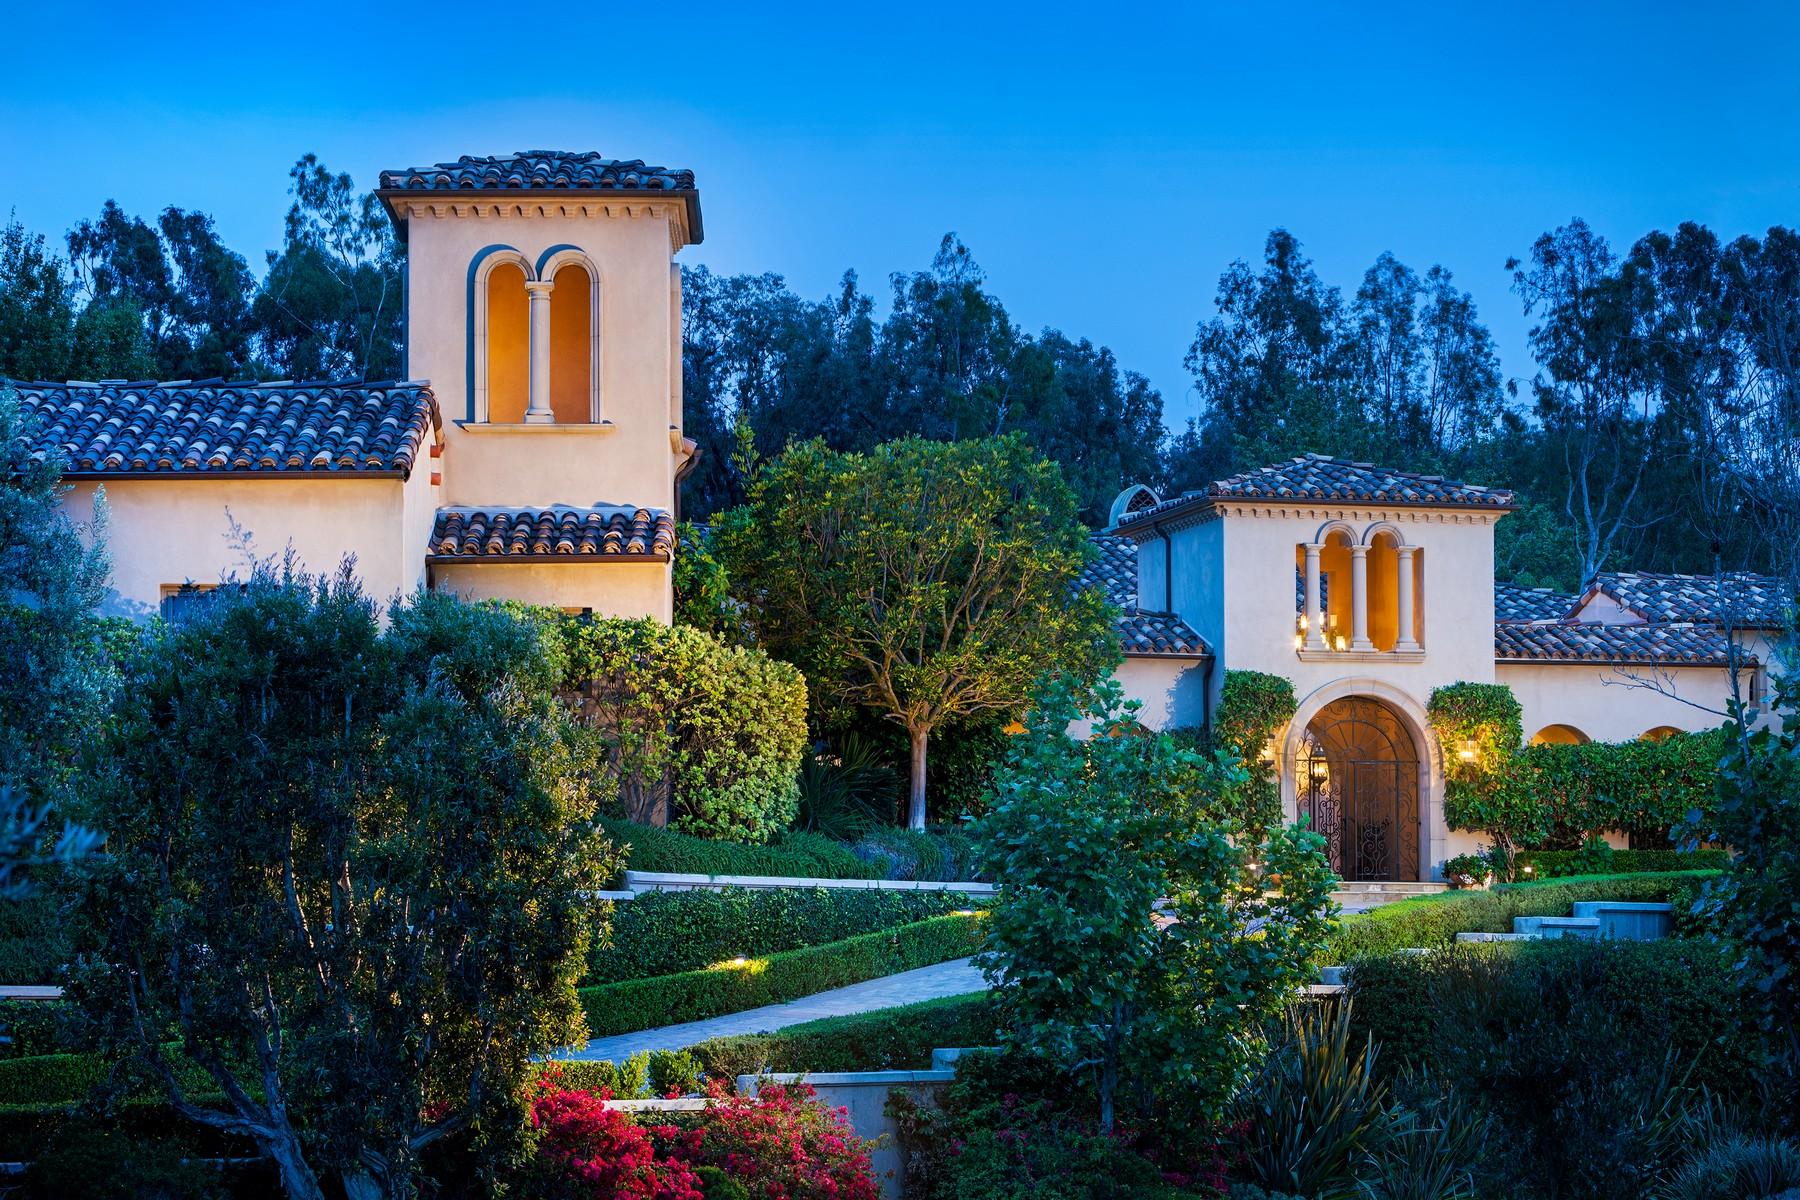 Частный односемейный дом для того Продажа на 6603 Calle Ponte Bella Rancho Santa Fe, Калифорния, 92091 Соединенные Штаты